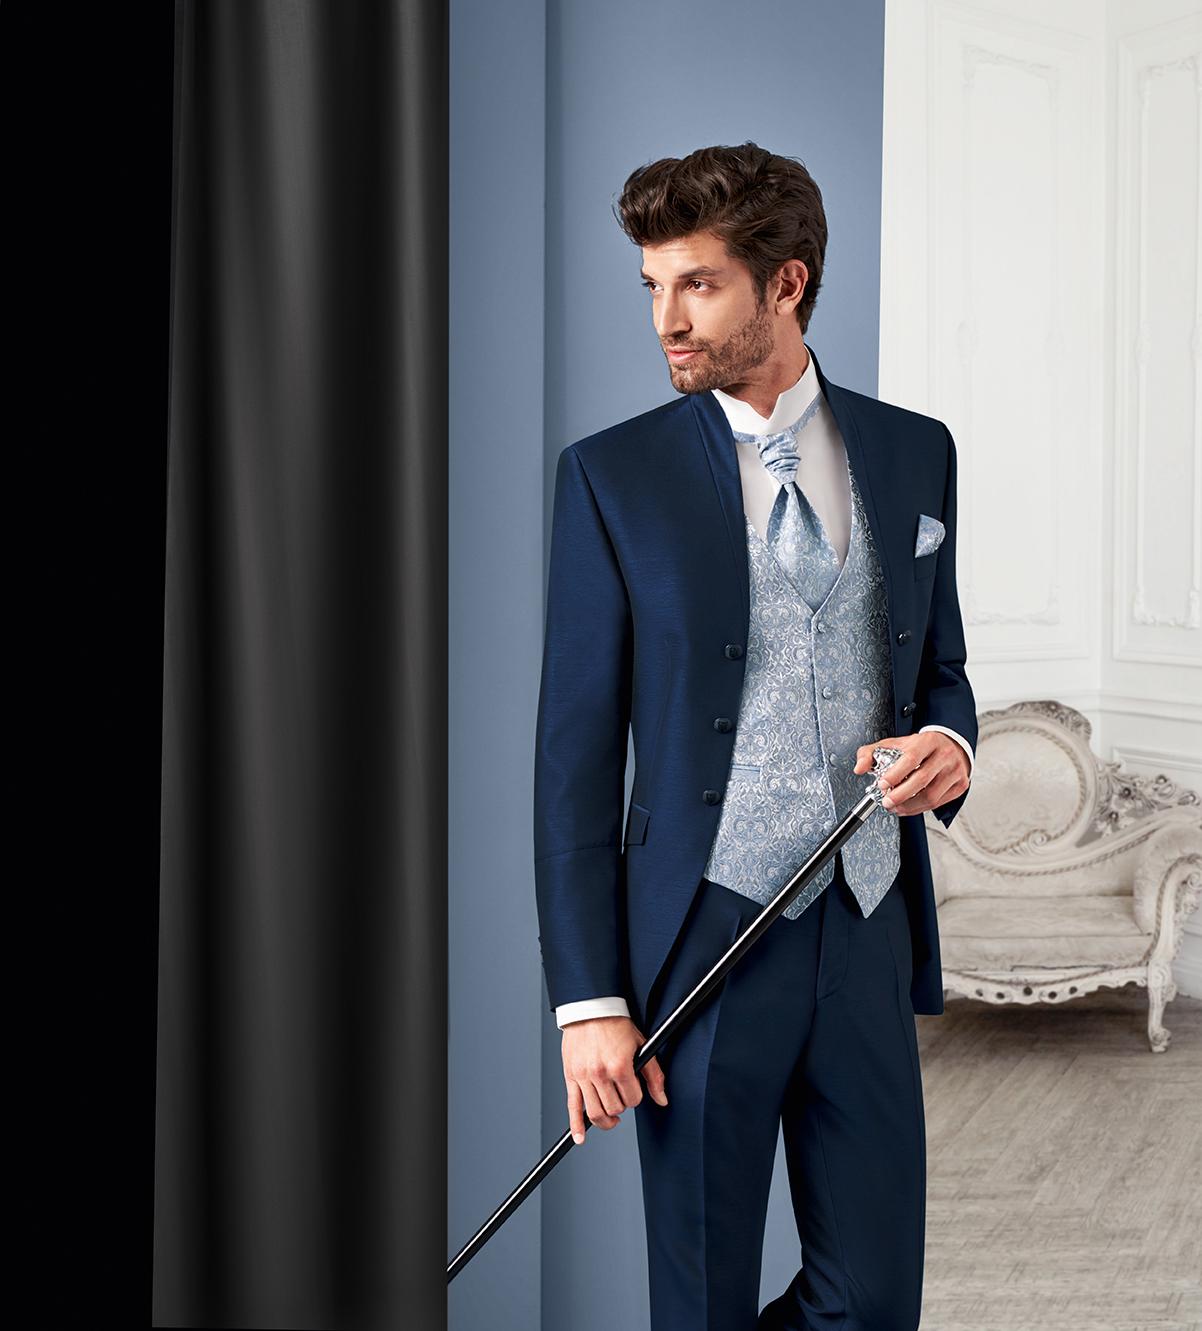 Wilvorst Tziacco Hochzeitsanzug Männer Mode Bräutigam extravagant royalblau blau mit Weste hellblau Stehkragen Jabot Einstecktuch